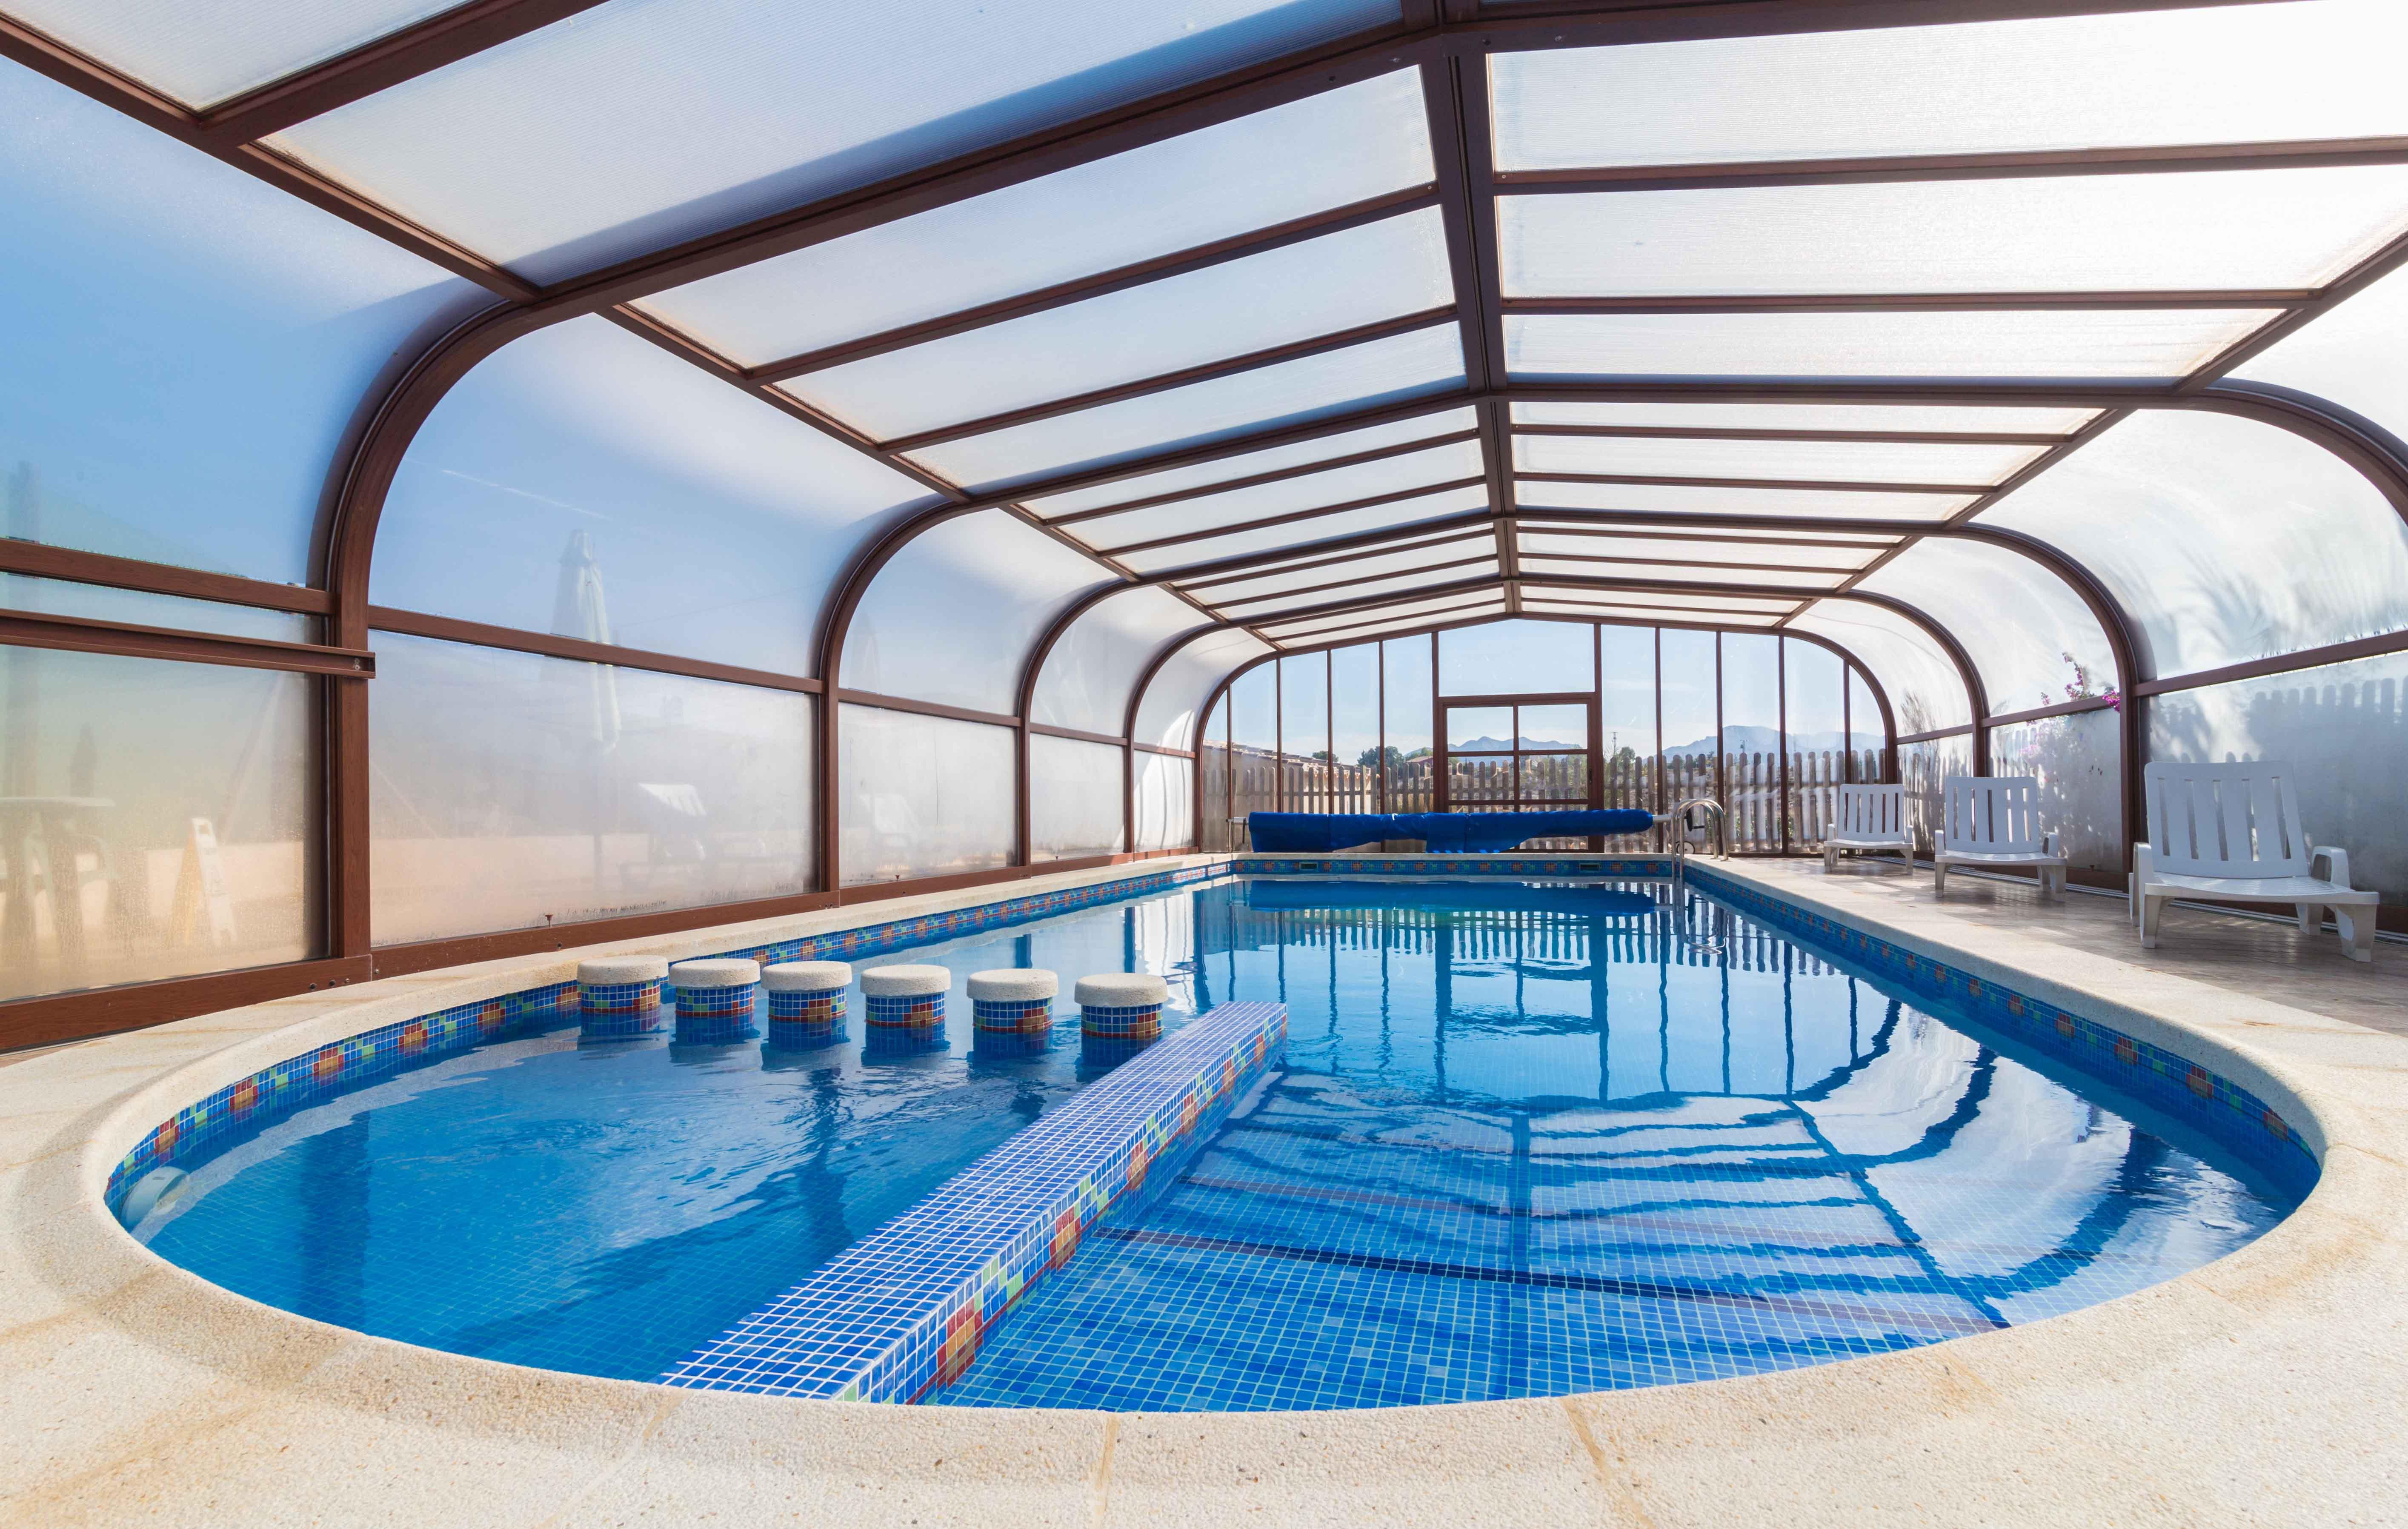 El viejo establo casas rurales ofertas oferta para for Precio piscina climatizada